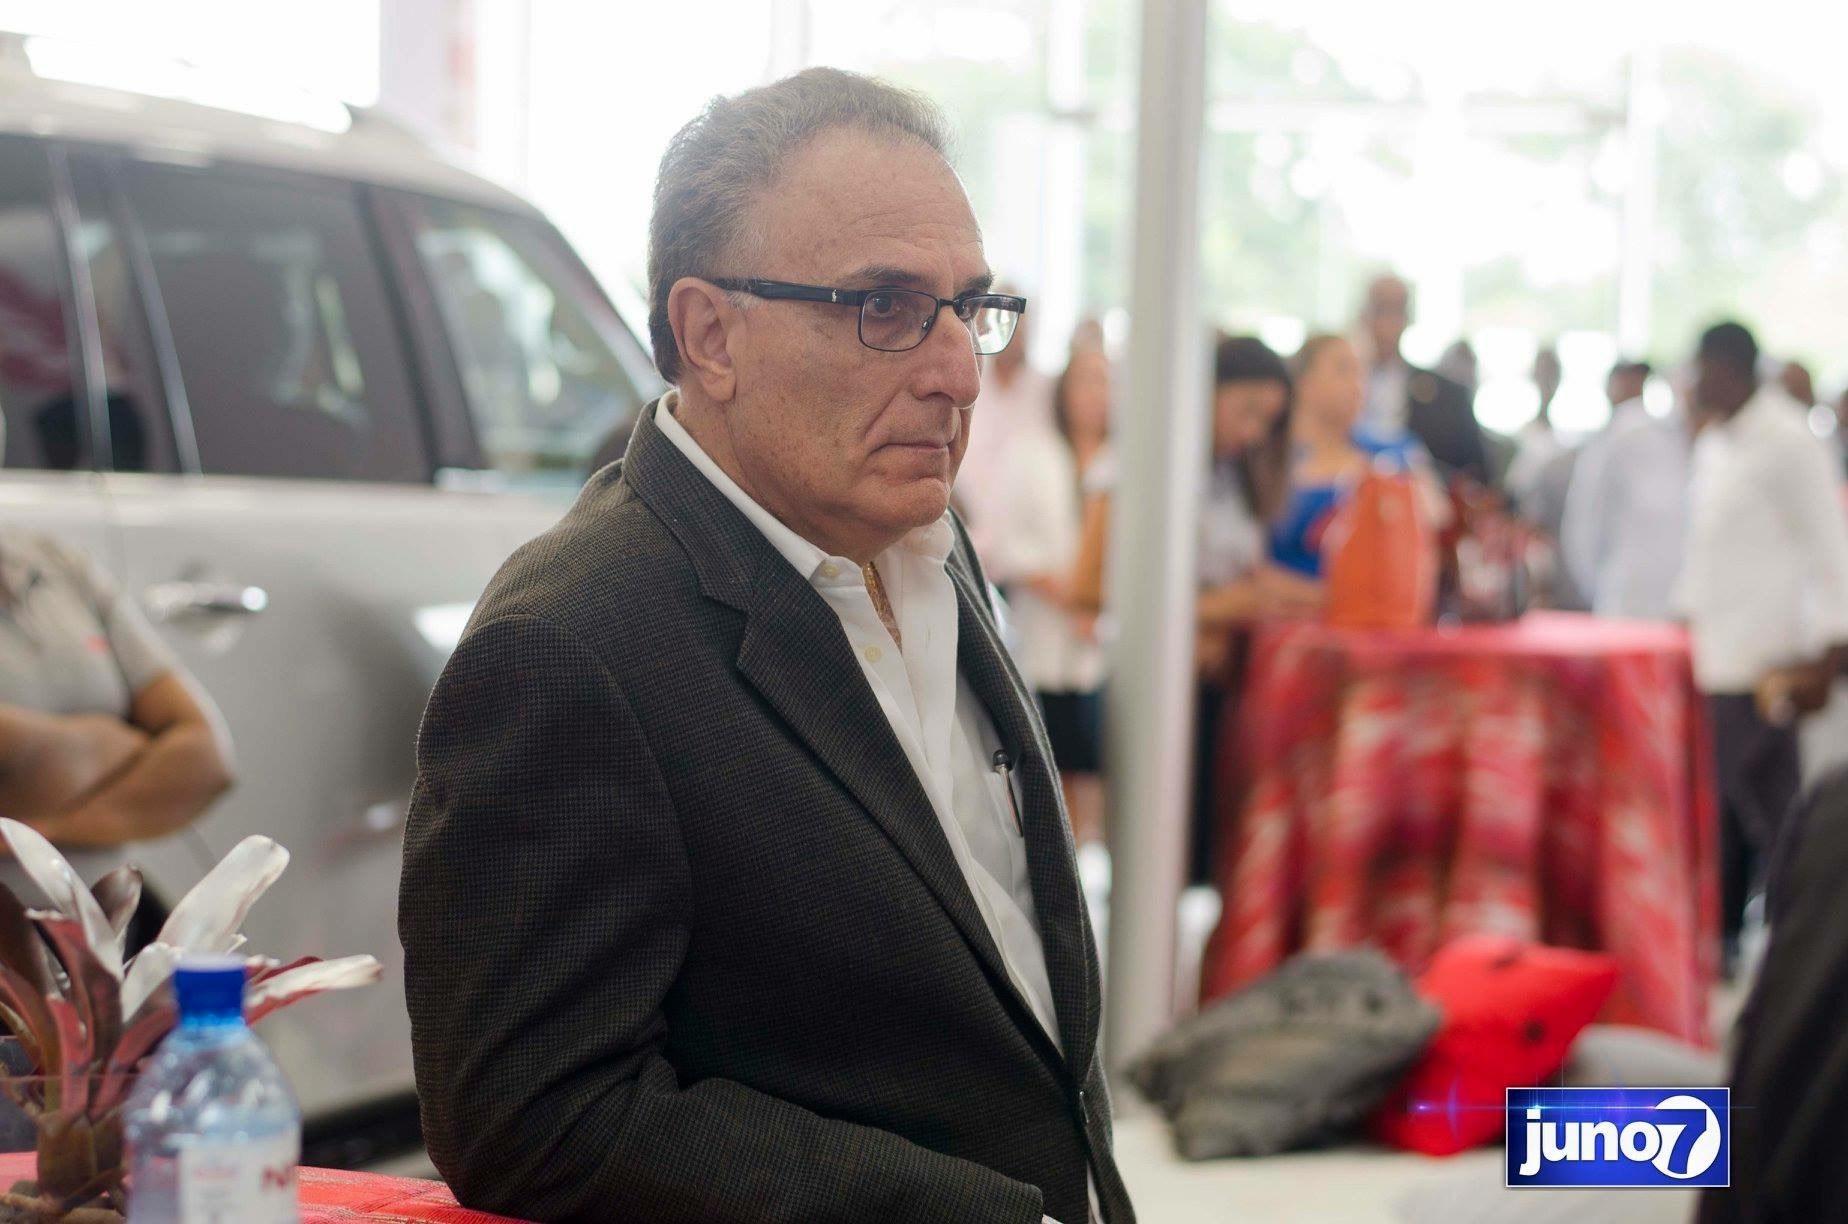 La Nissan Universal Motors inaugure le plus grand showroom de la caraïbe et de l'Amérique latine 34